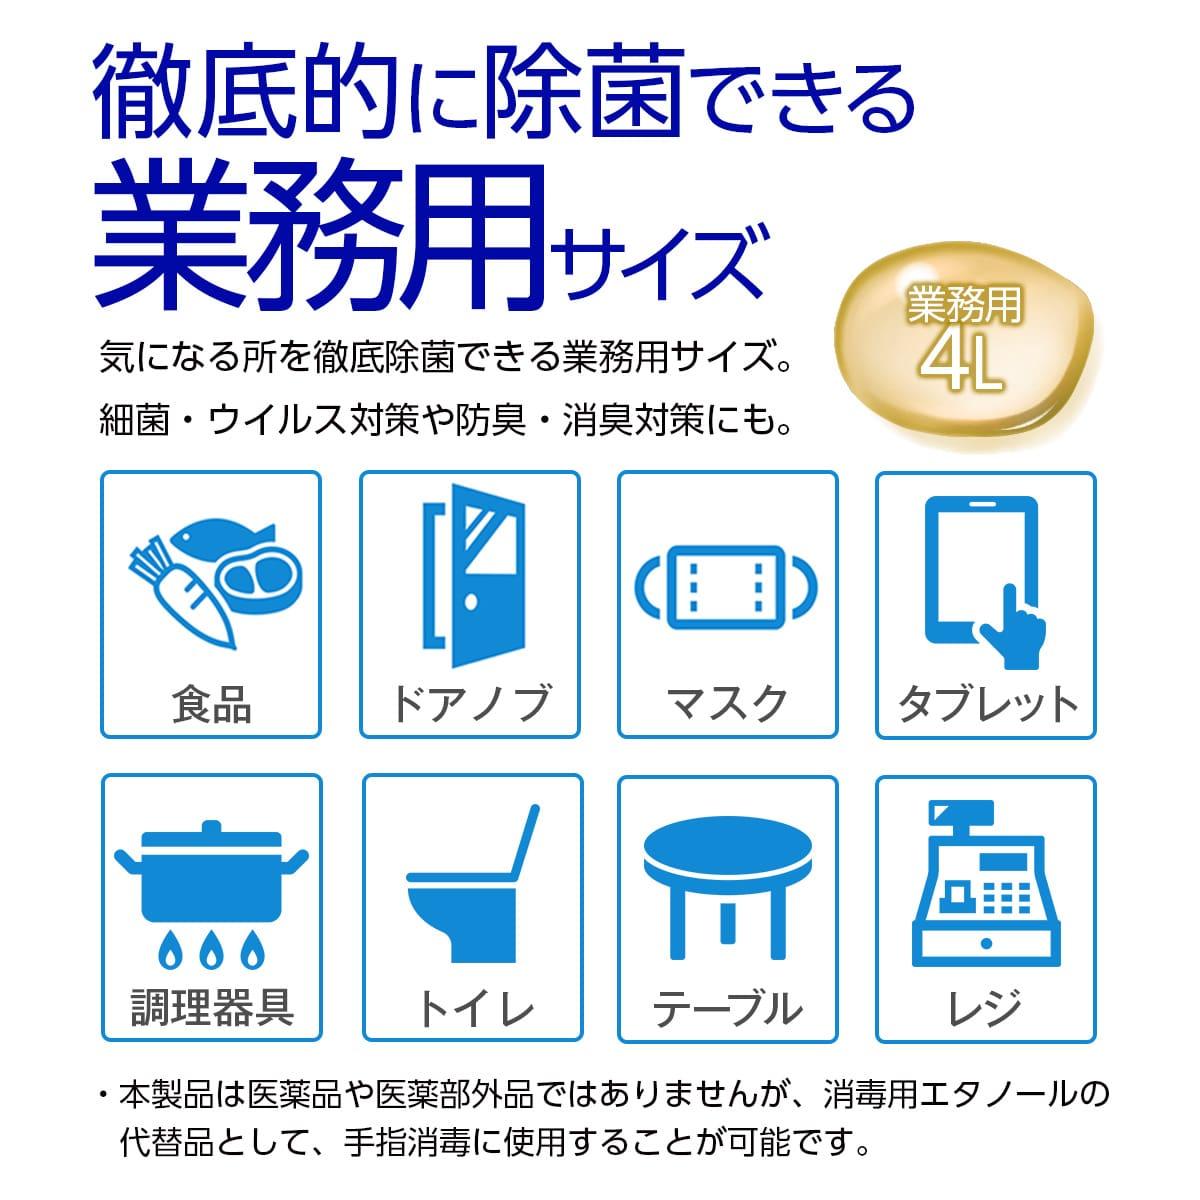 業務用アルコール77%製剤a 4L 食品添加物 日本製 BY ROLAND (x743)